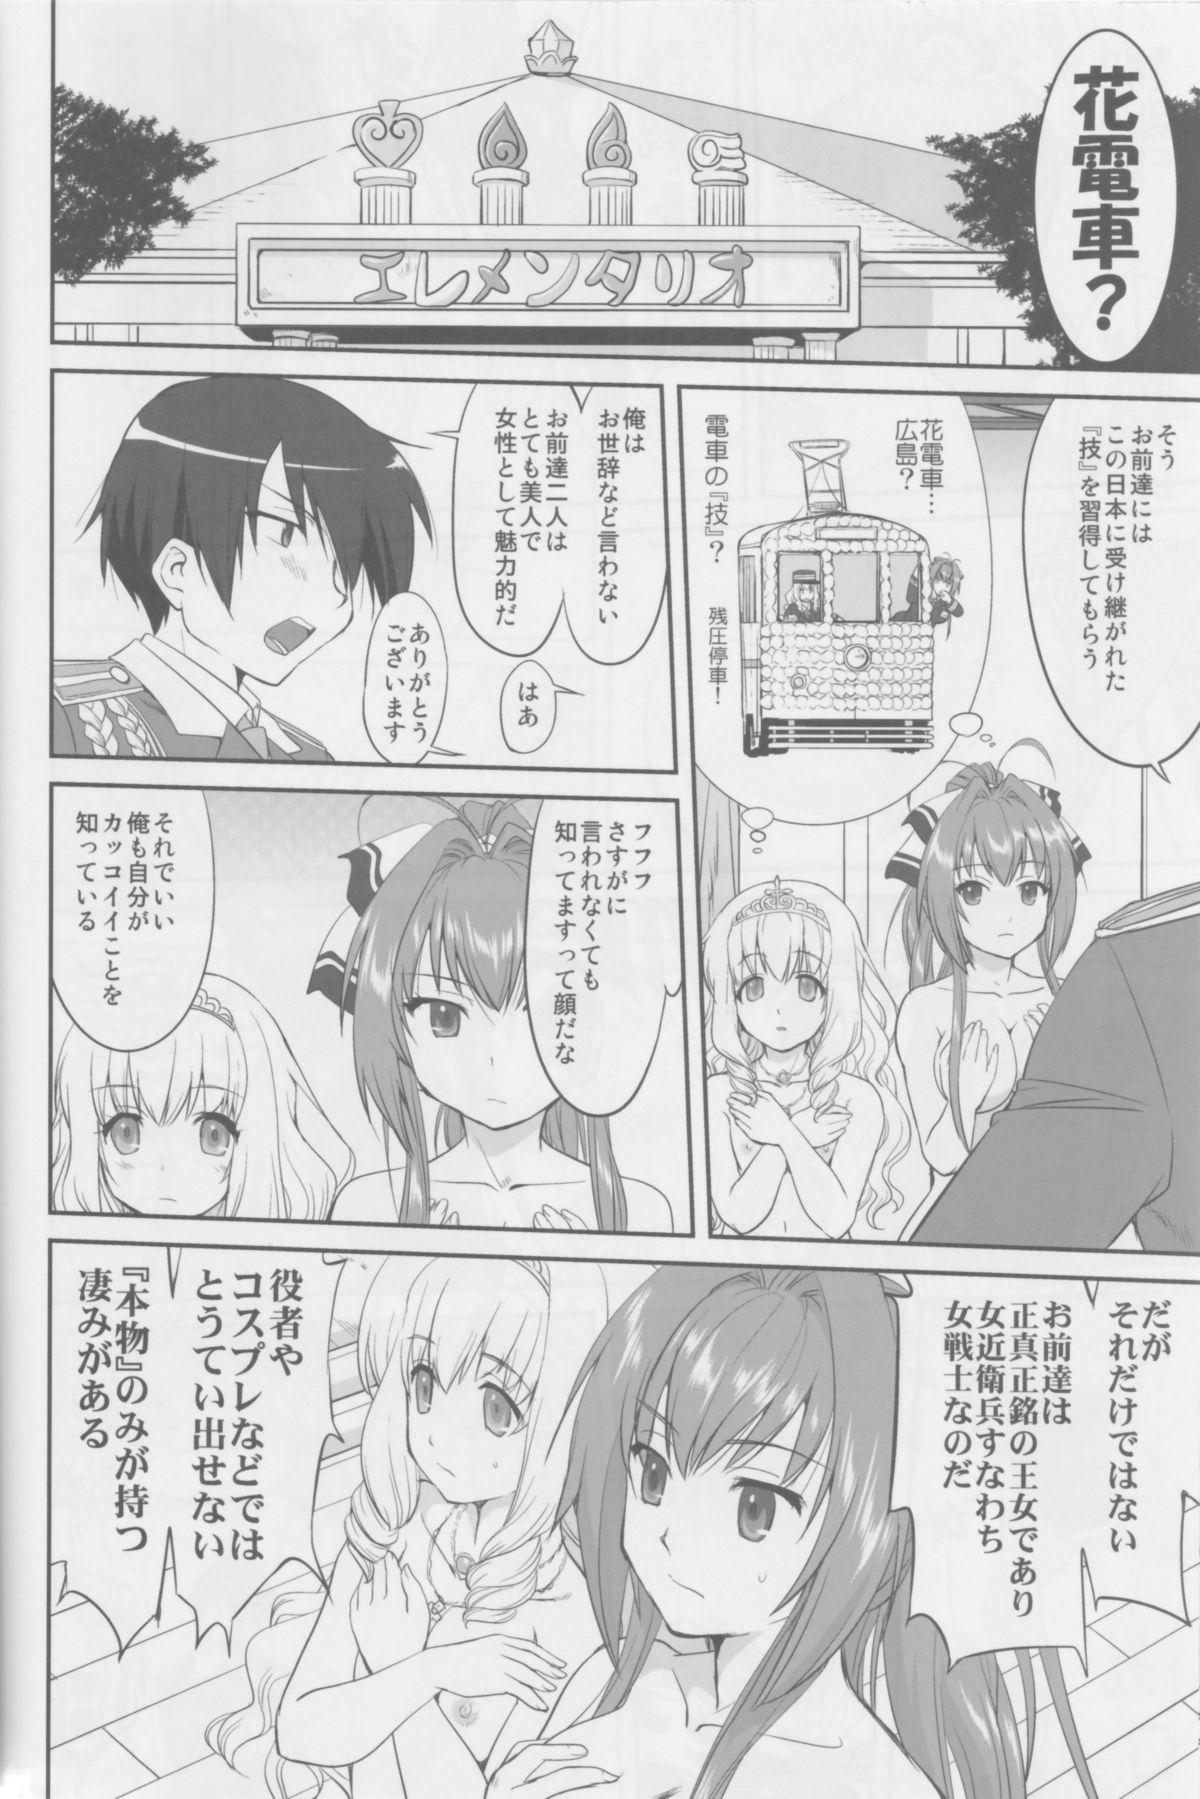 Amagi Strip Gekijou 24